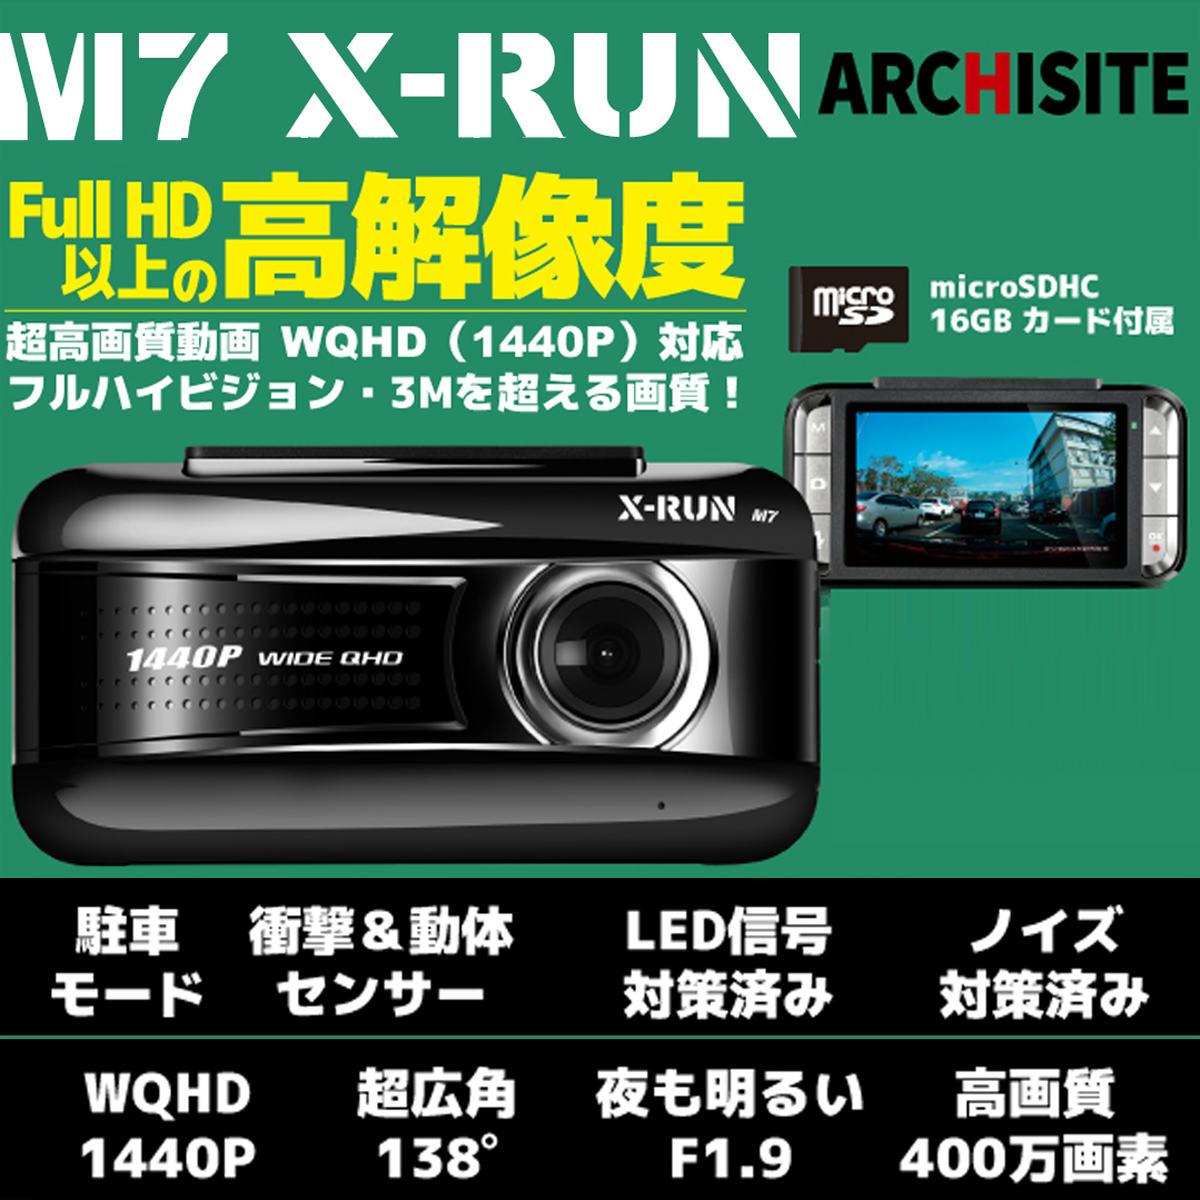 フルHD ドライブレコーダー マイクロSDカード セット X-RUN M7 XR-DRM7B microSD 16GB